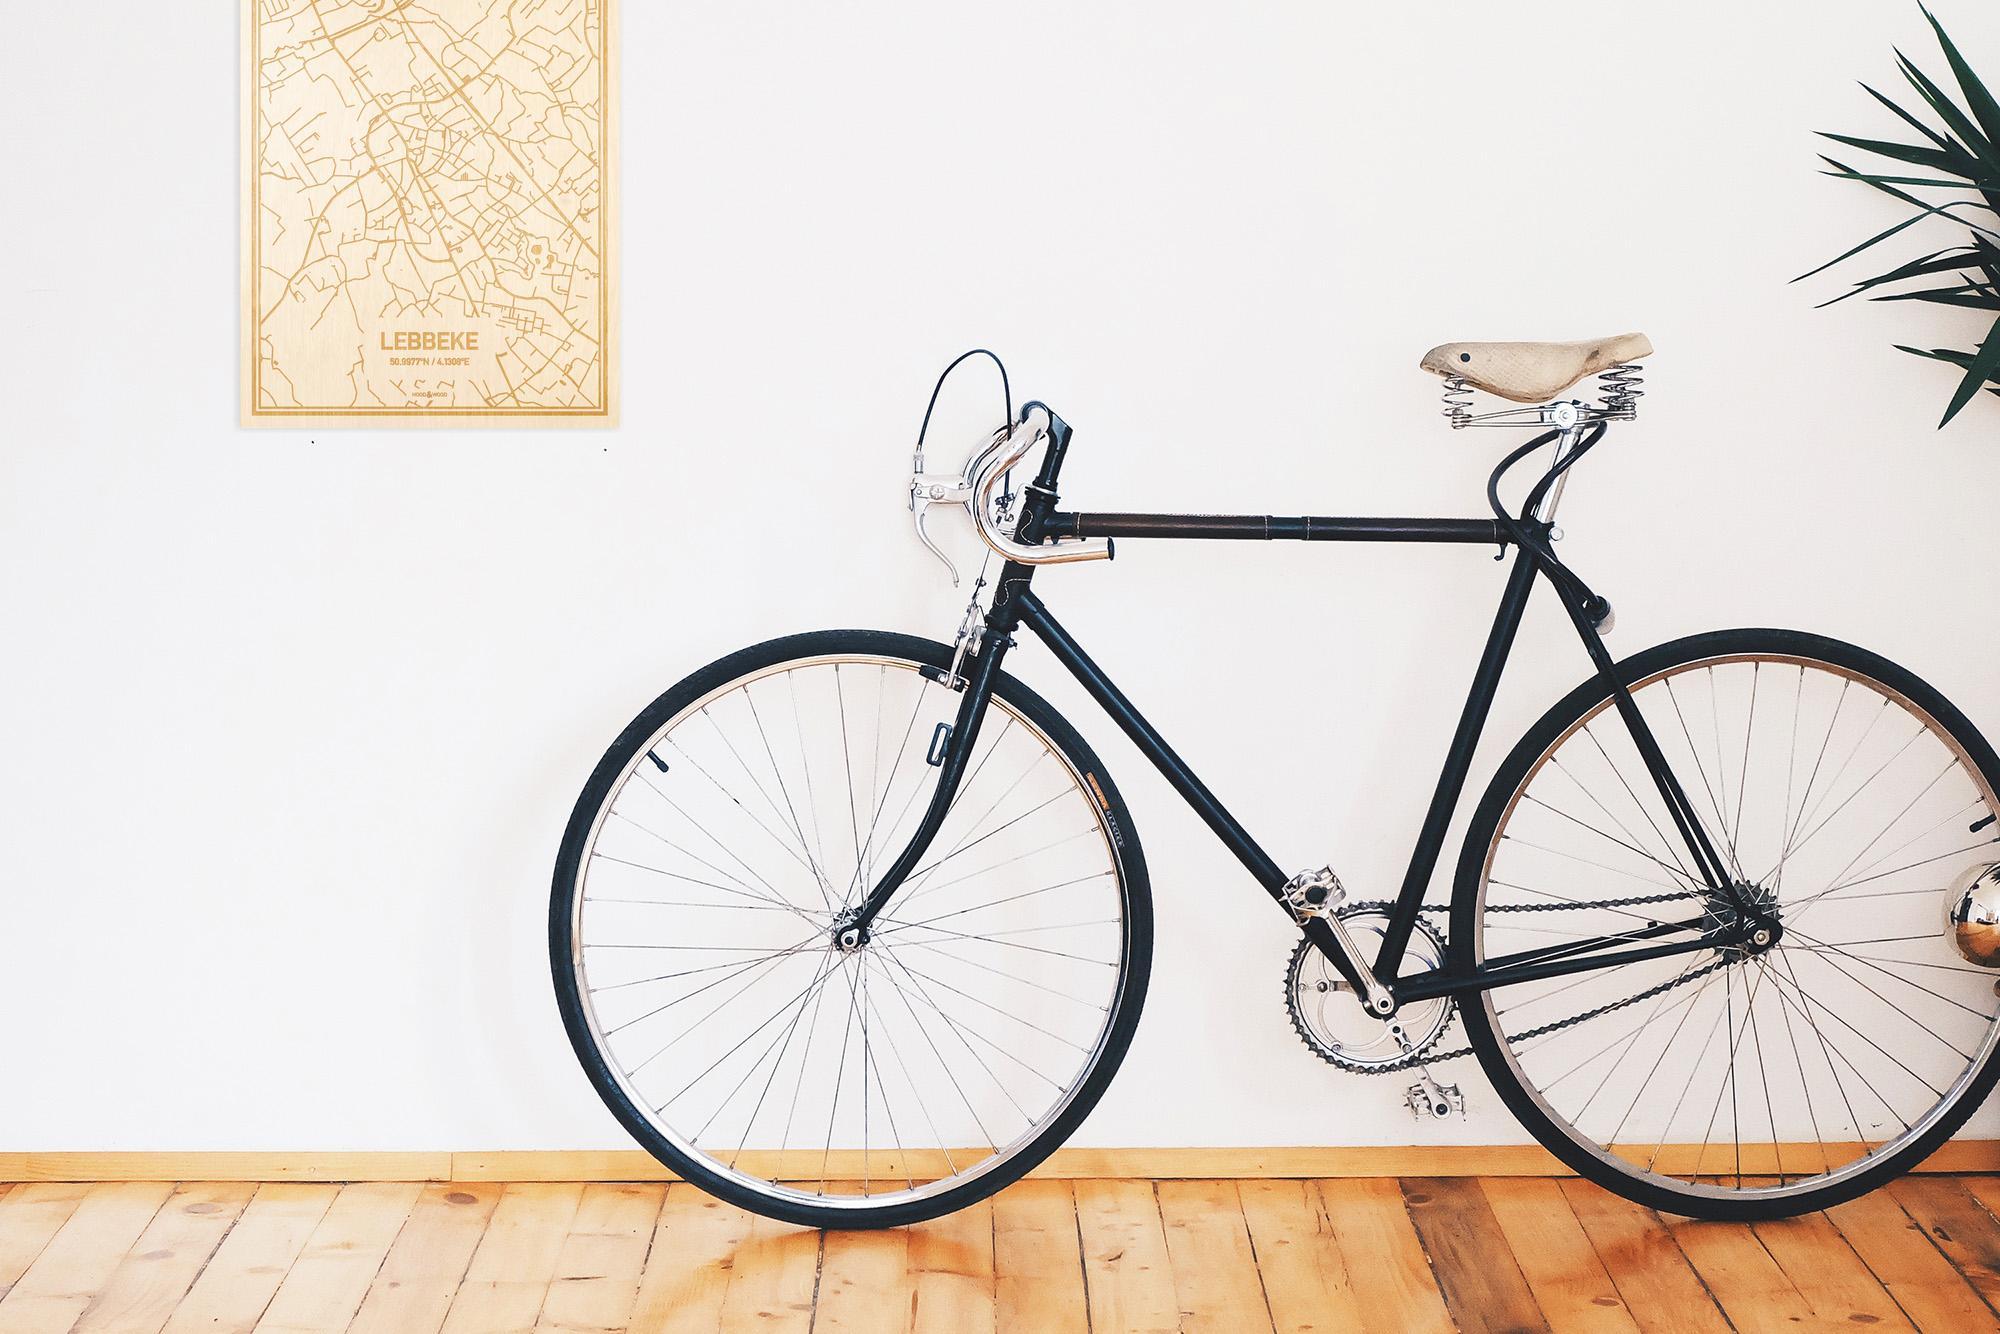 Een snelle fiets in een uniek interieur in Oost-Vlaanderen  met mooie decoratie zoals de plattegrond Lebbeke.